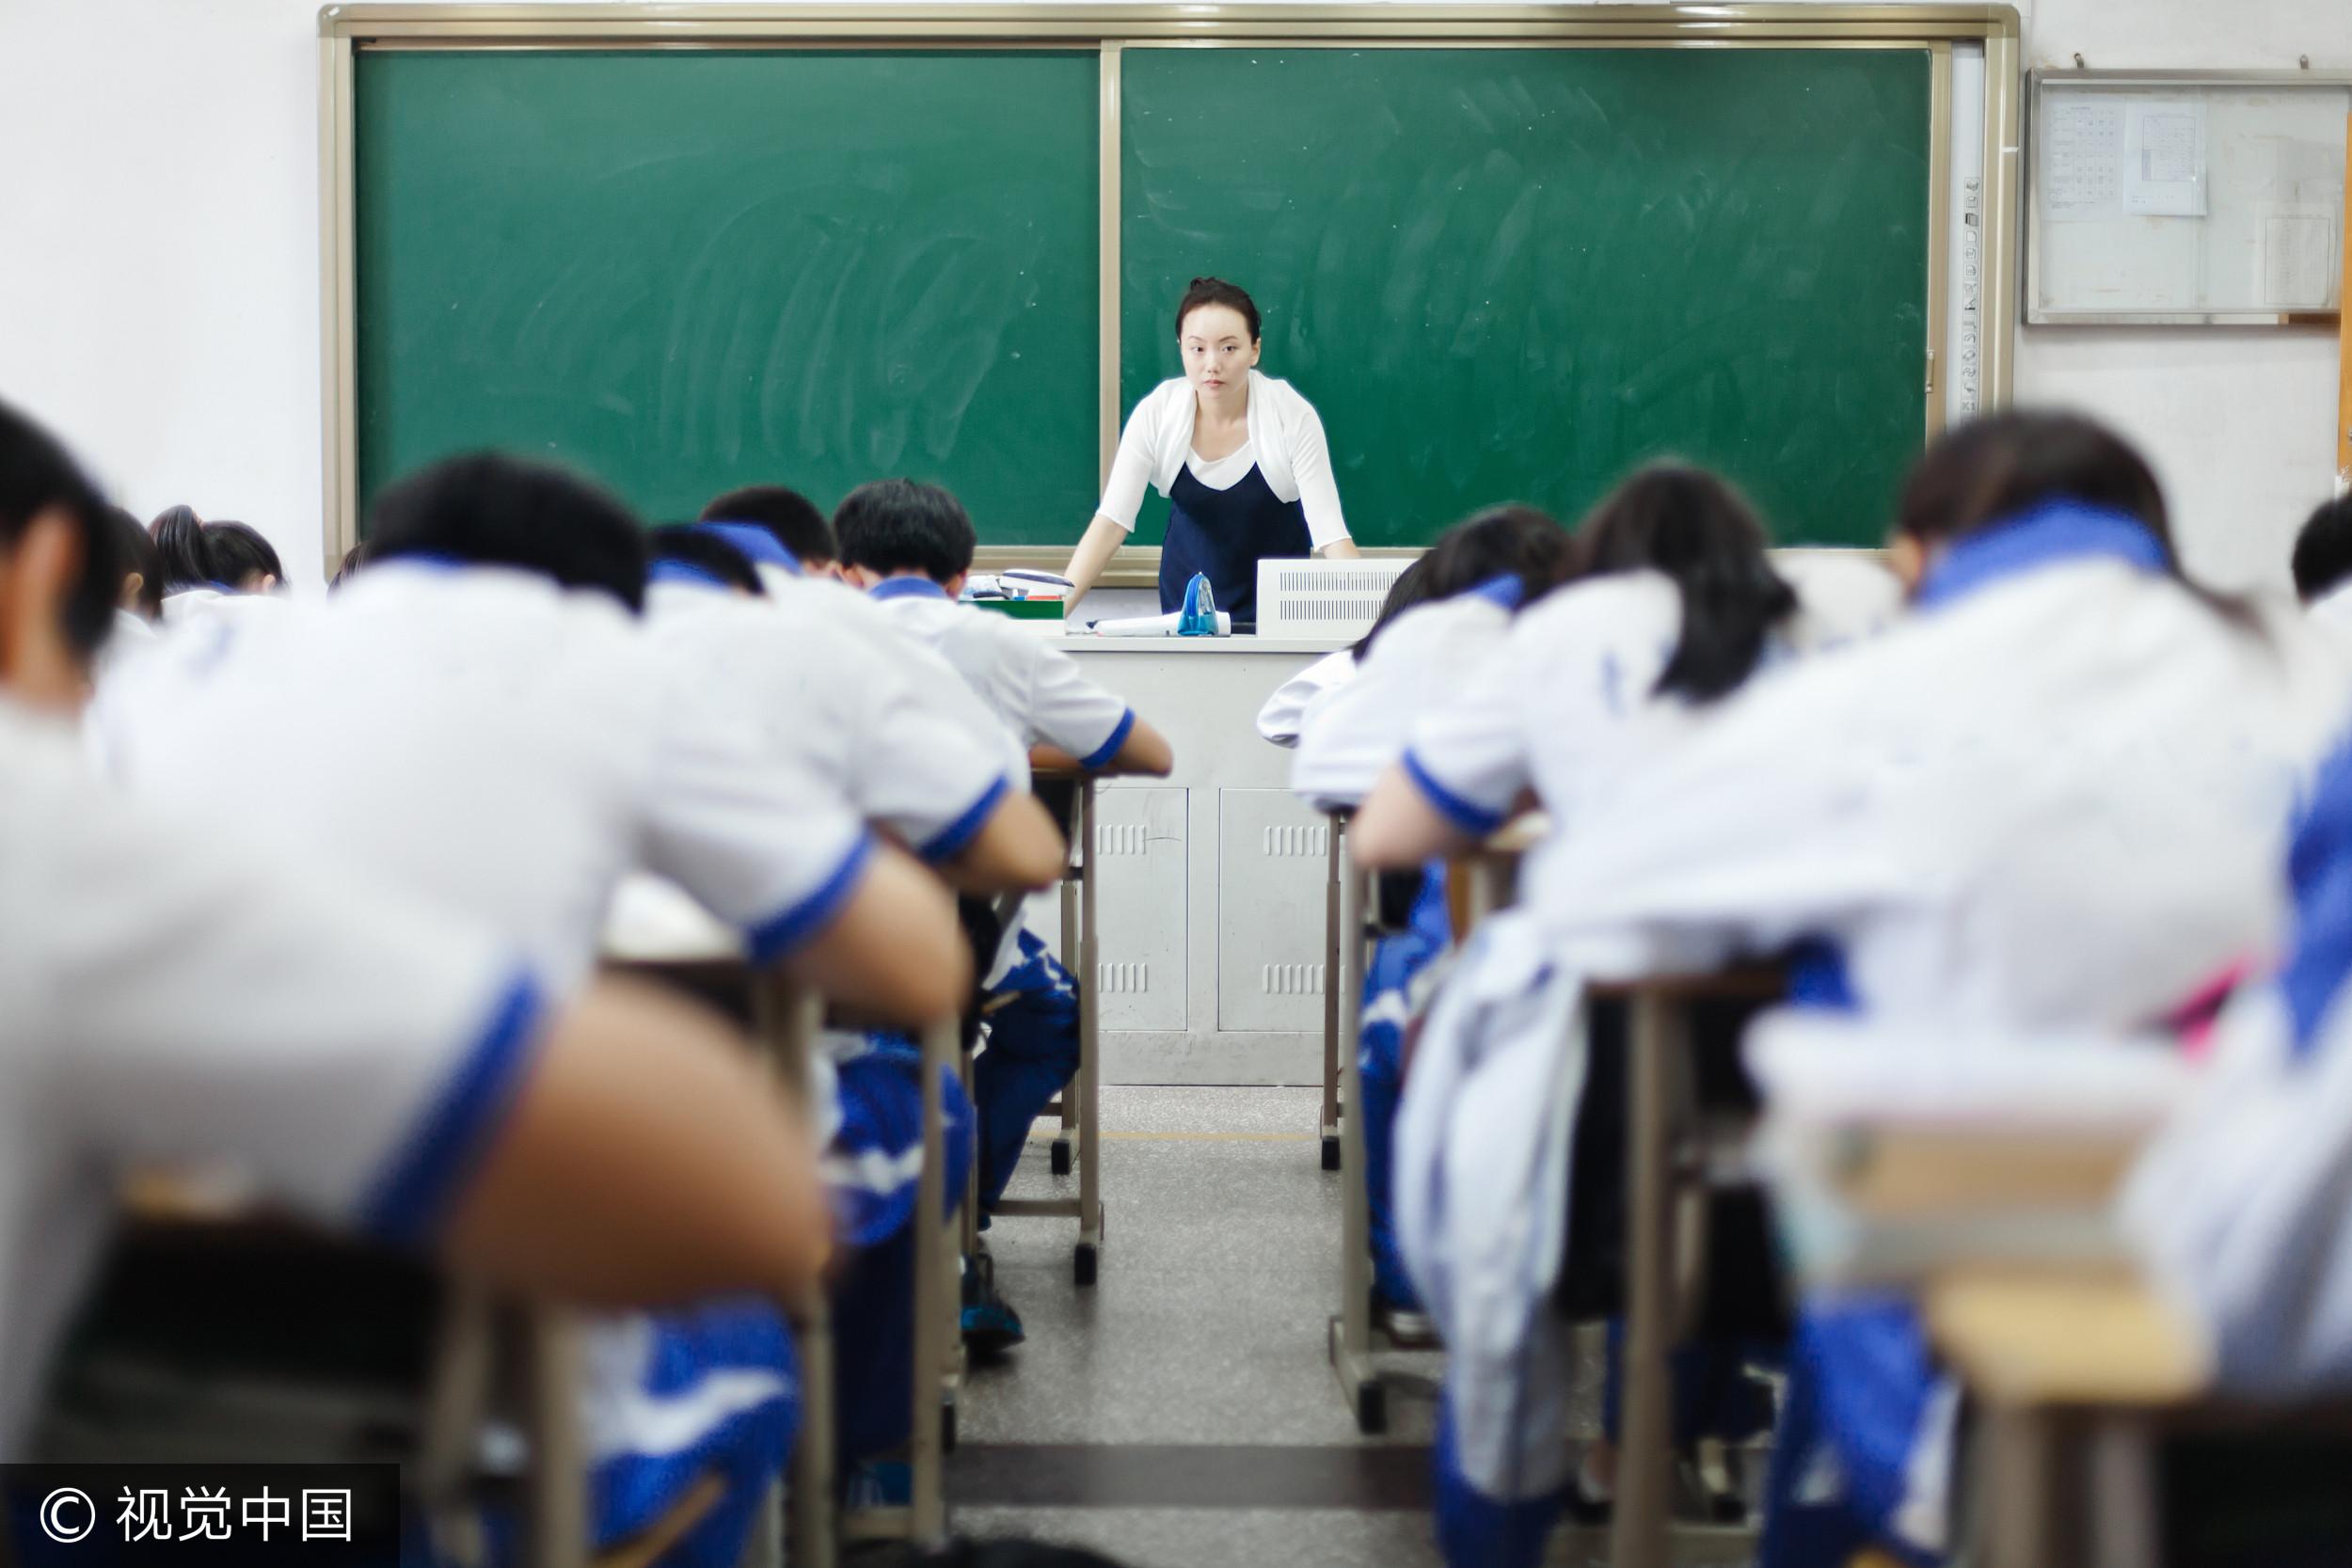 老師,學生,升學班(圖/視覺中國CFP)